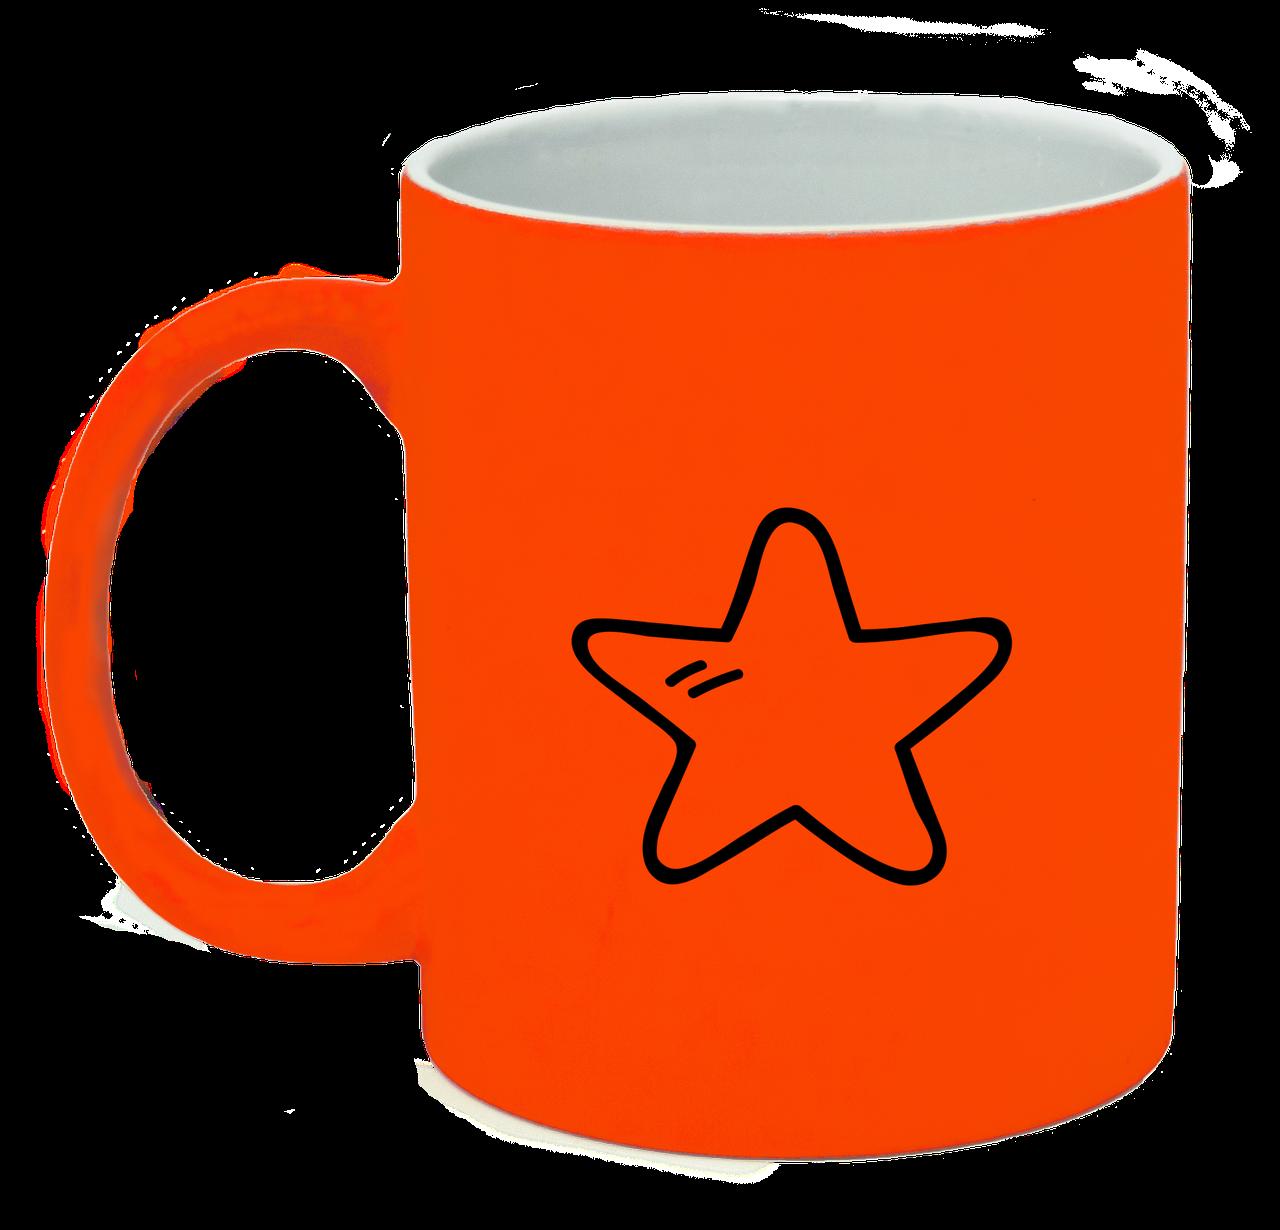 Неоновая матовая чашка Звездочка, ярко-оранжевая